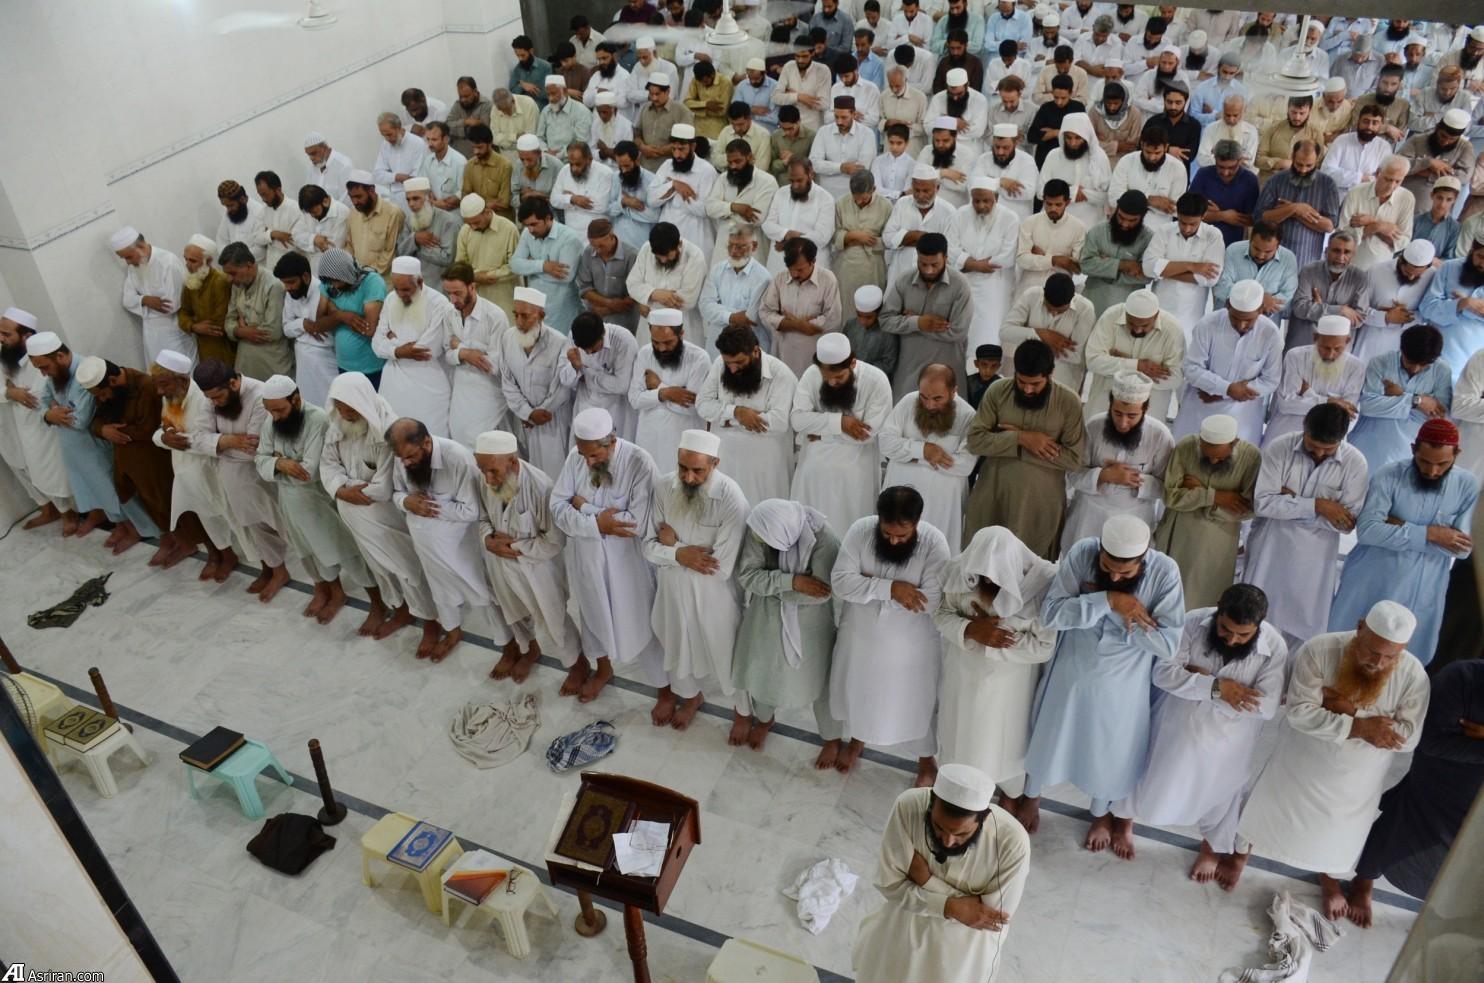 نماز برای ملا عمر (عکس)